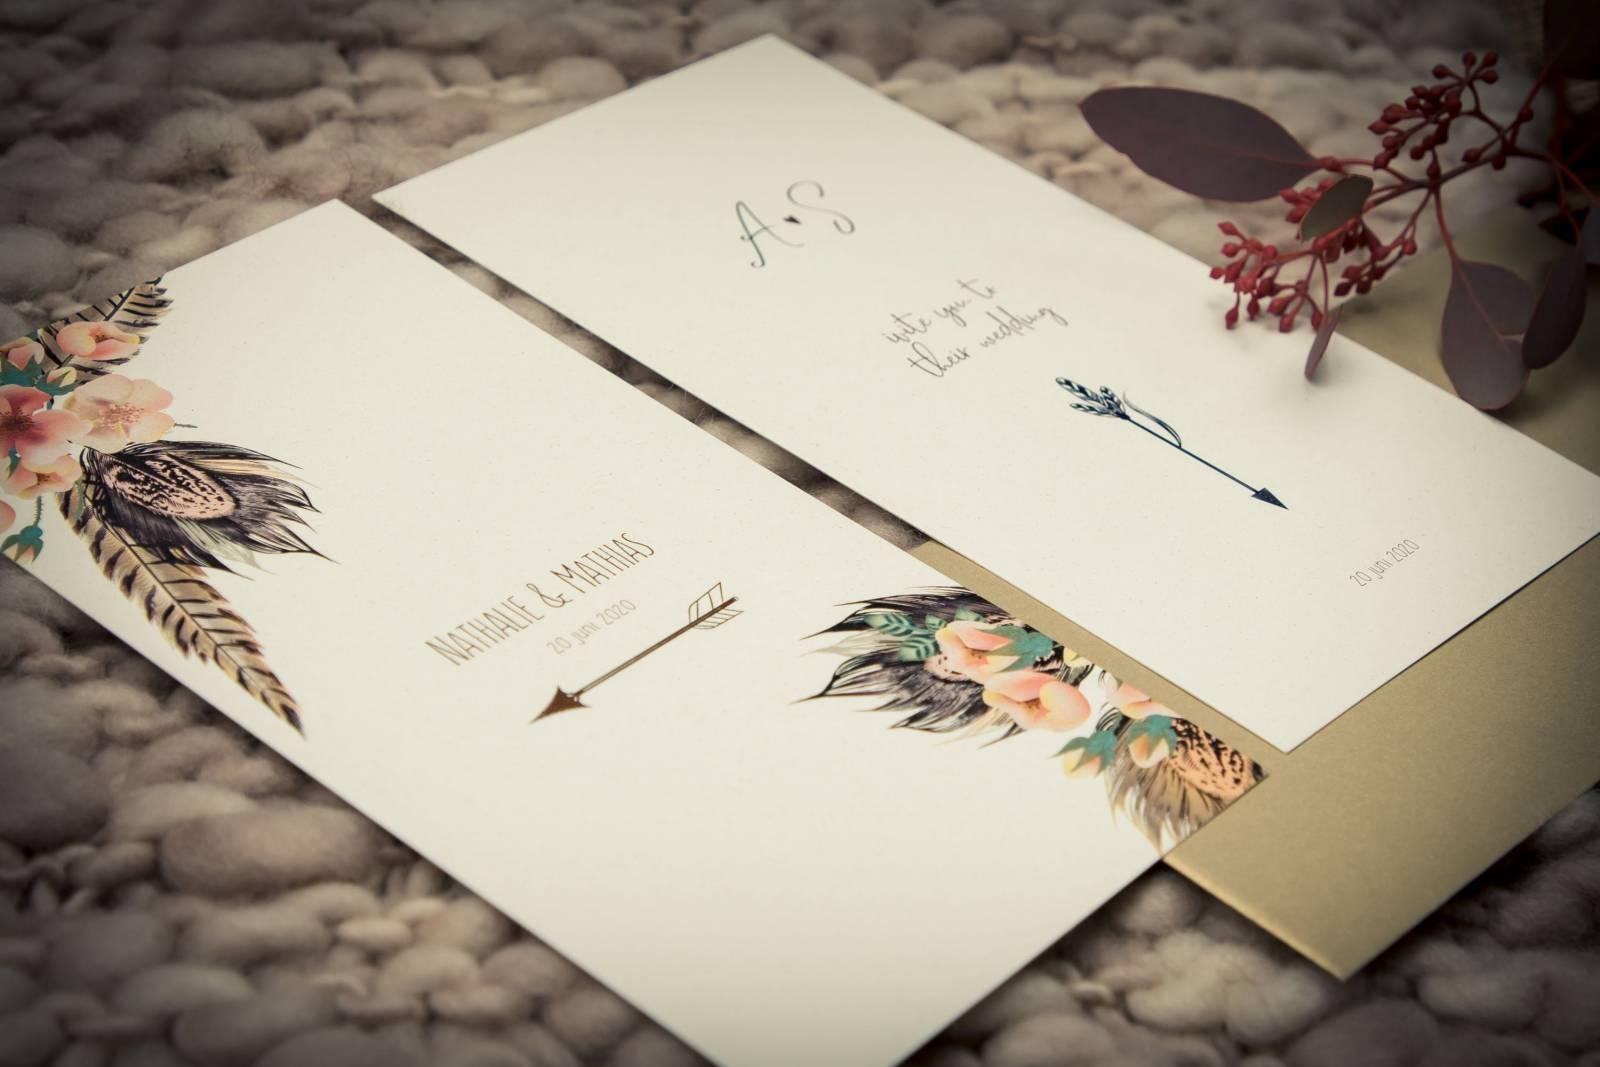 Drukkerij Augustynen - Trouwuitnodiging - Huwelijksuitnodiging - House of Weddings - 4